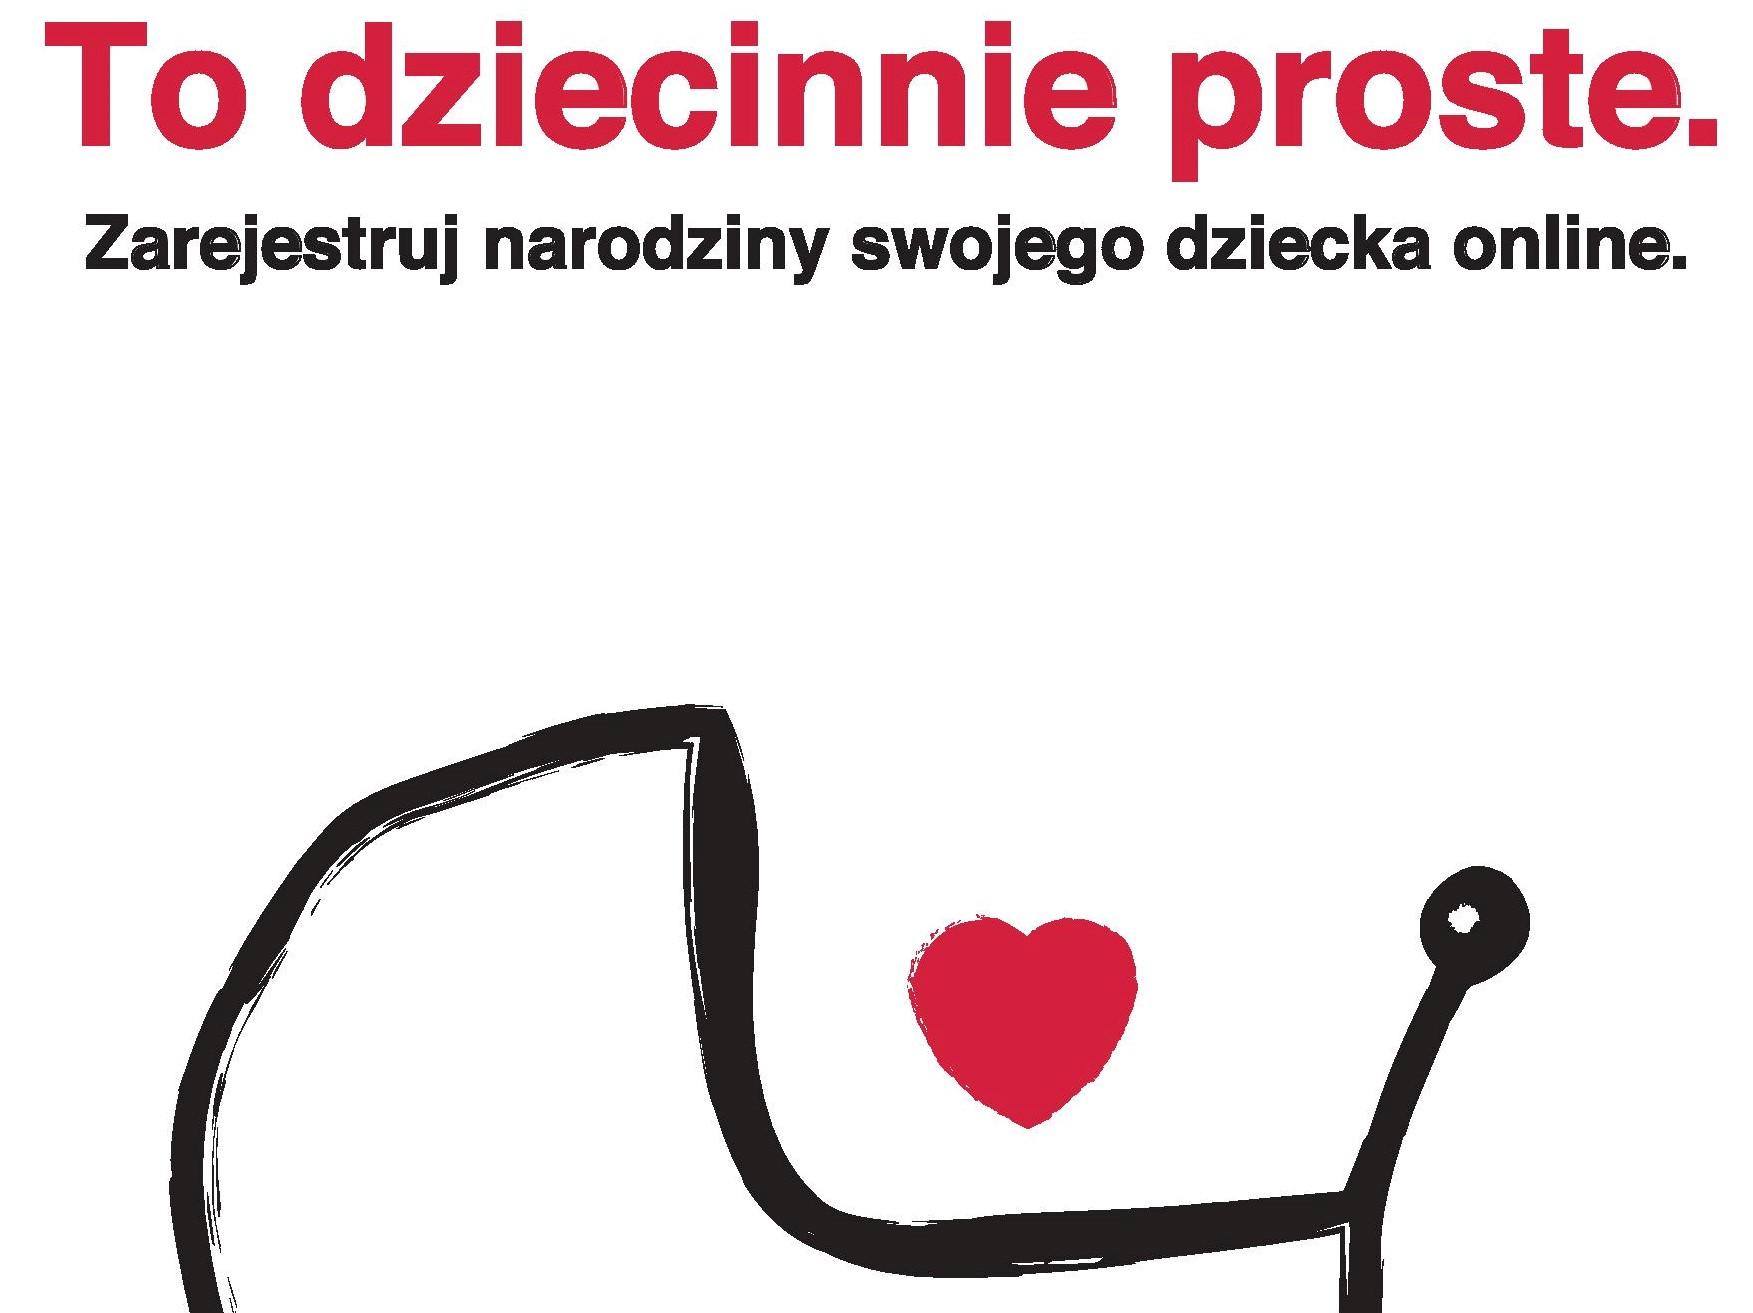 plakat To dziecinne proste - zarejestruj dziecko online